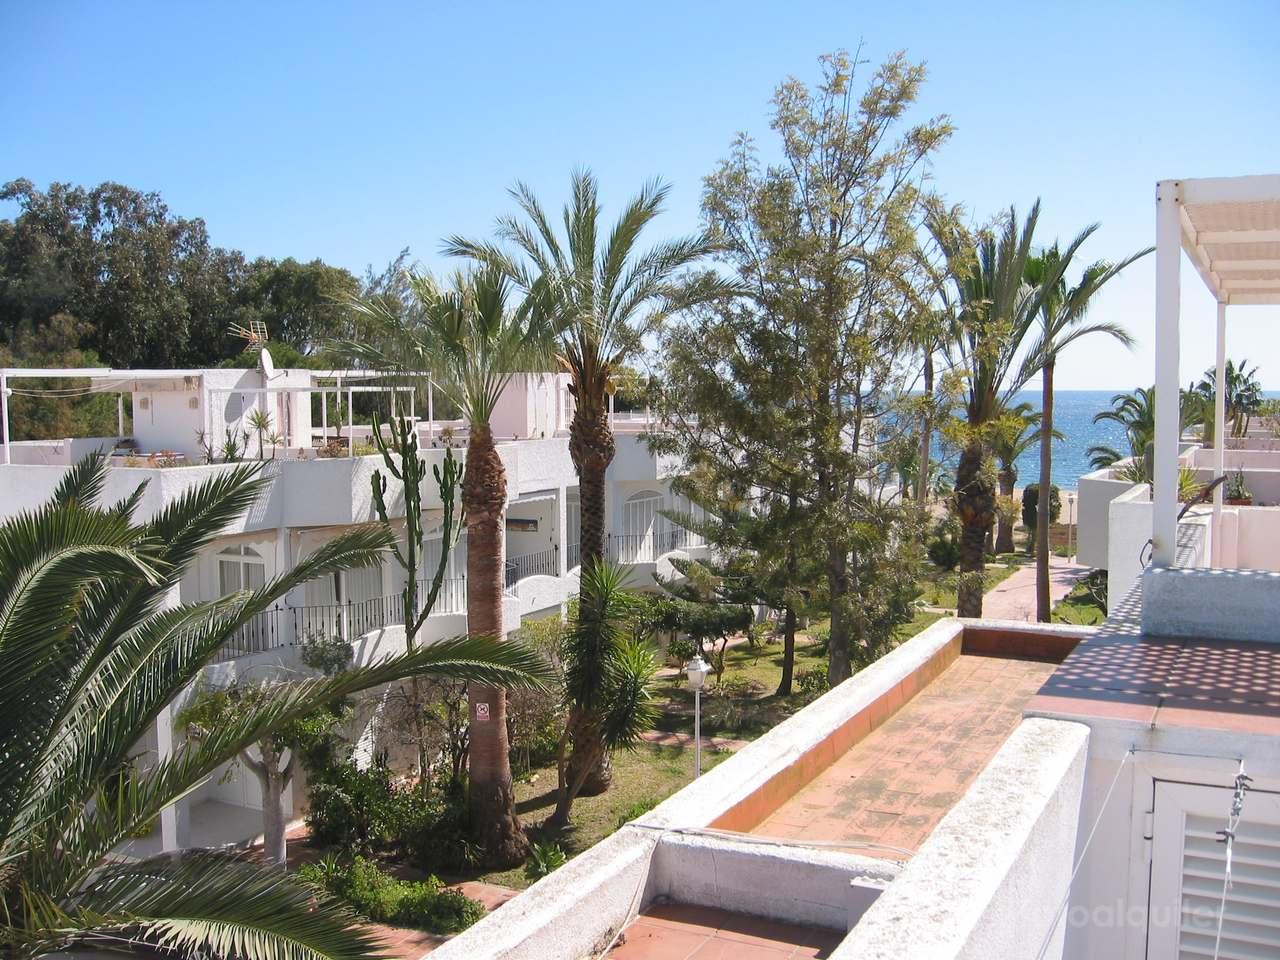 Alquiler apartamento duplex a 50 metros de la playa en Agua Amarga, Almería